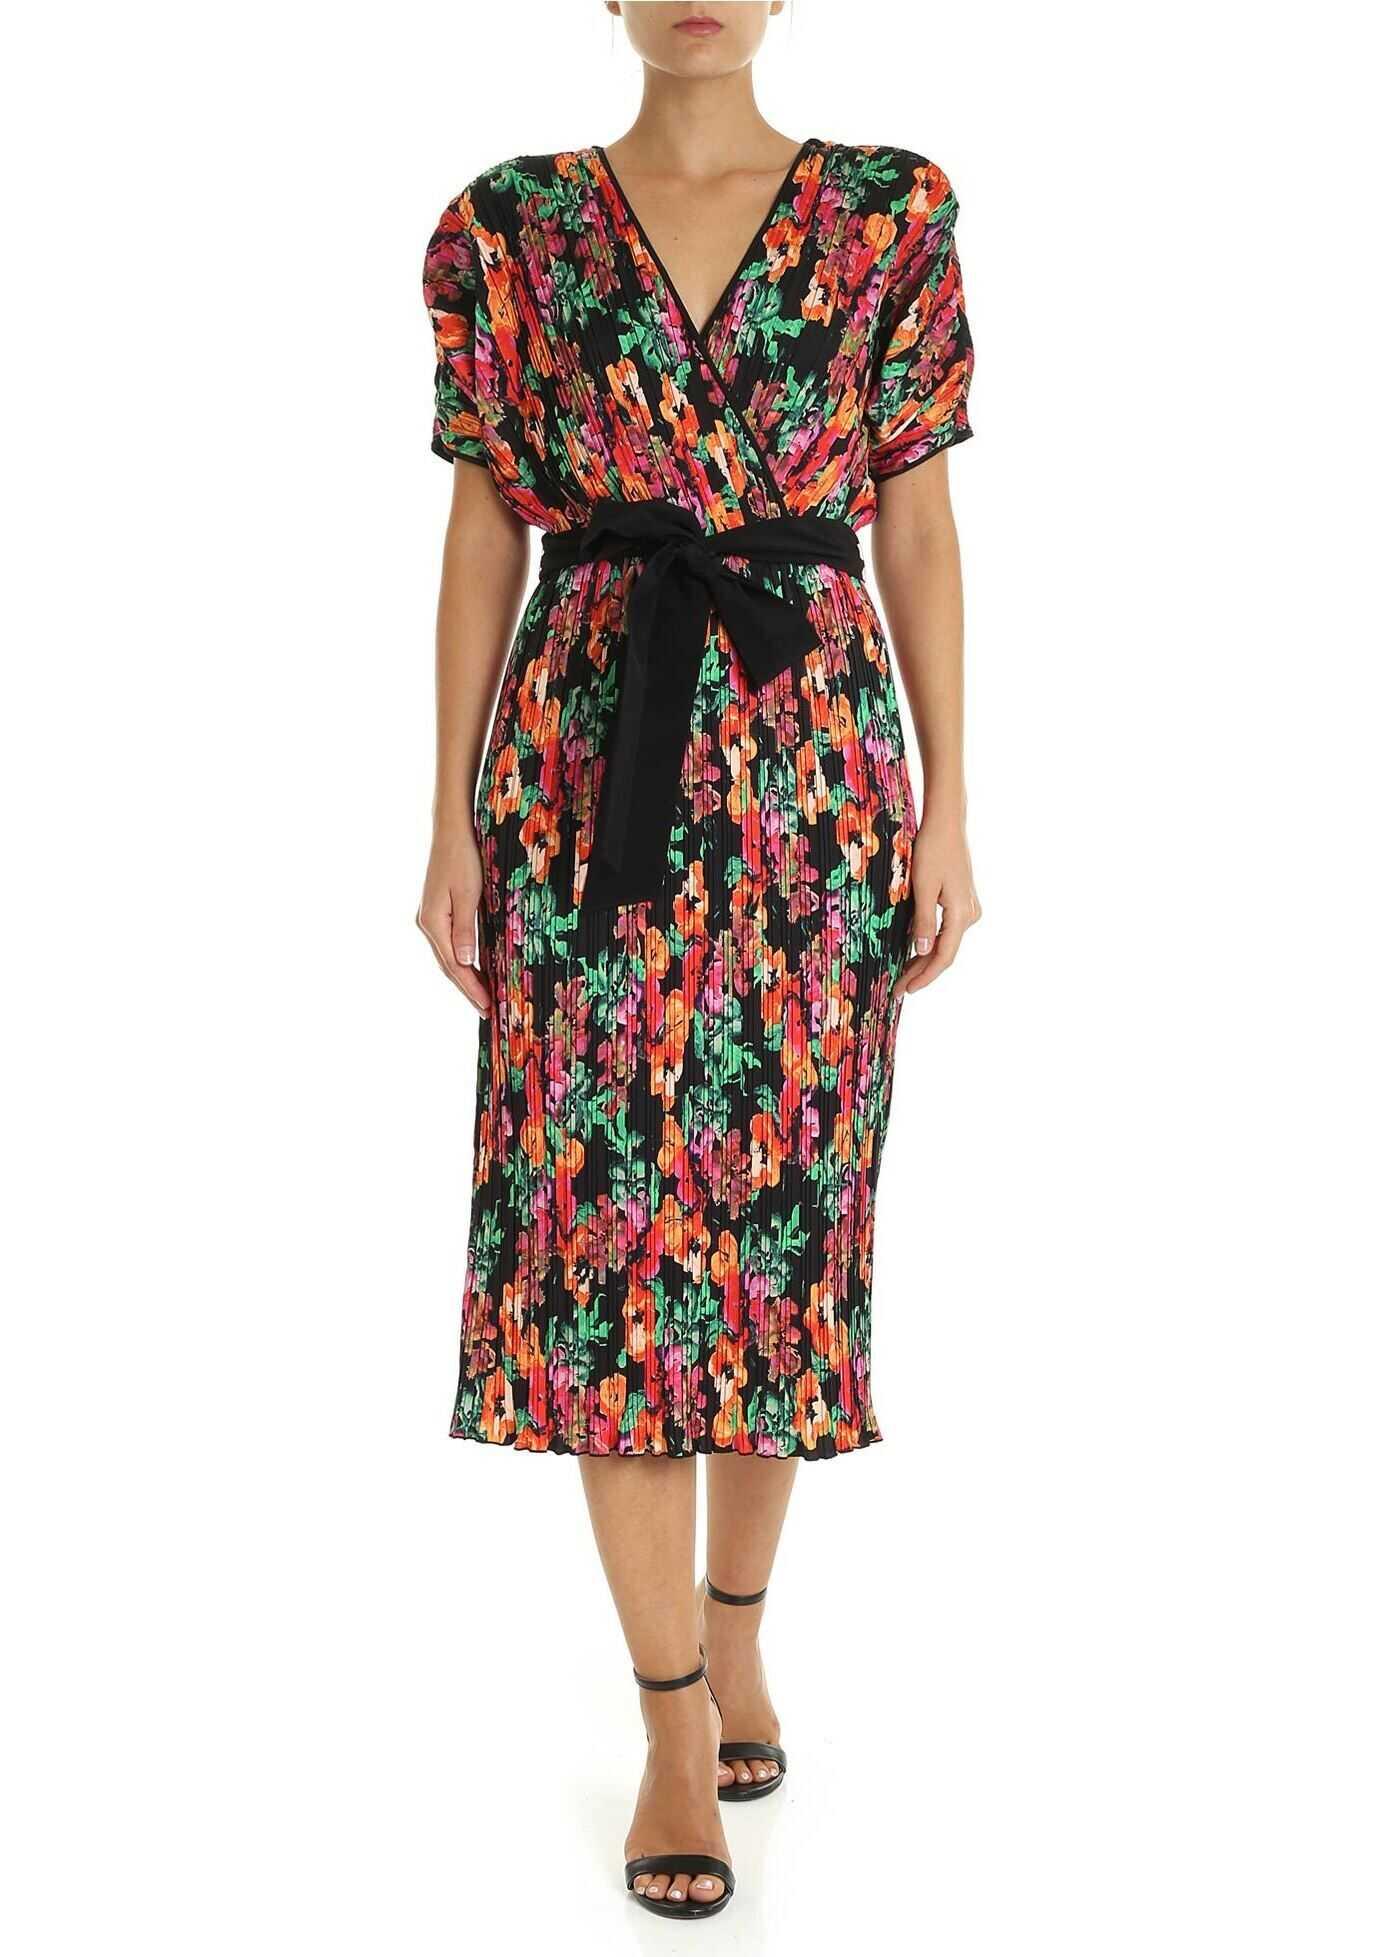 Diane von Furstenberg Autumn Floral Pleated Dress Multi